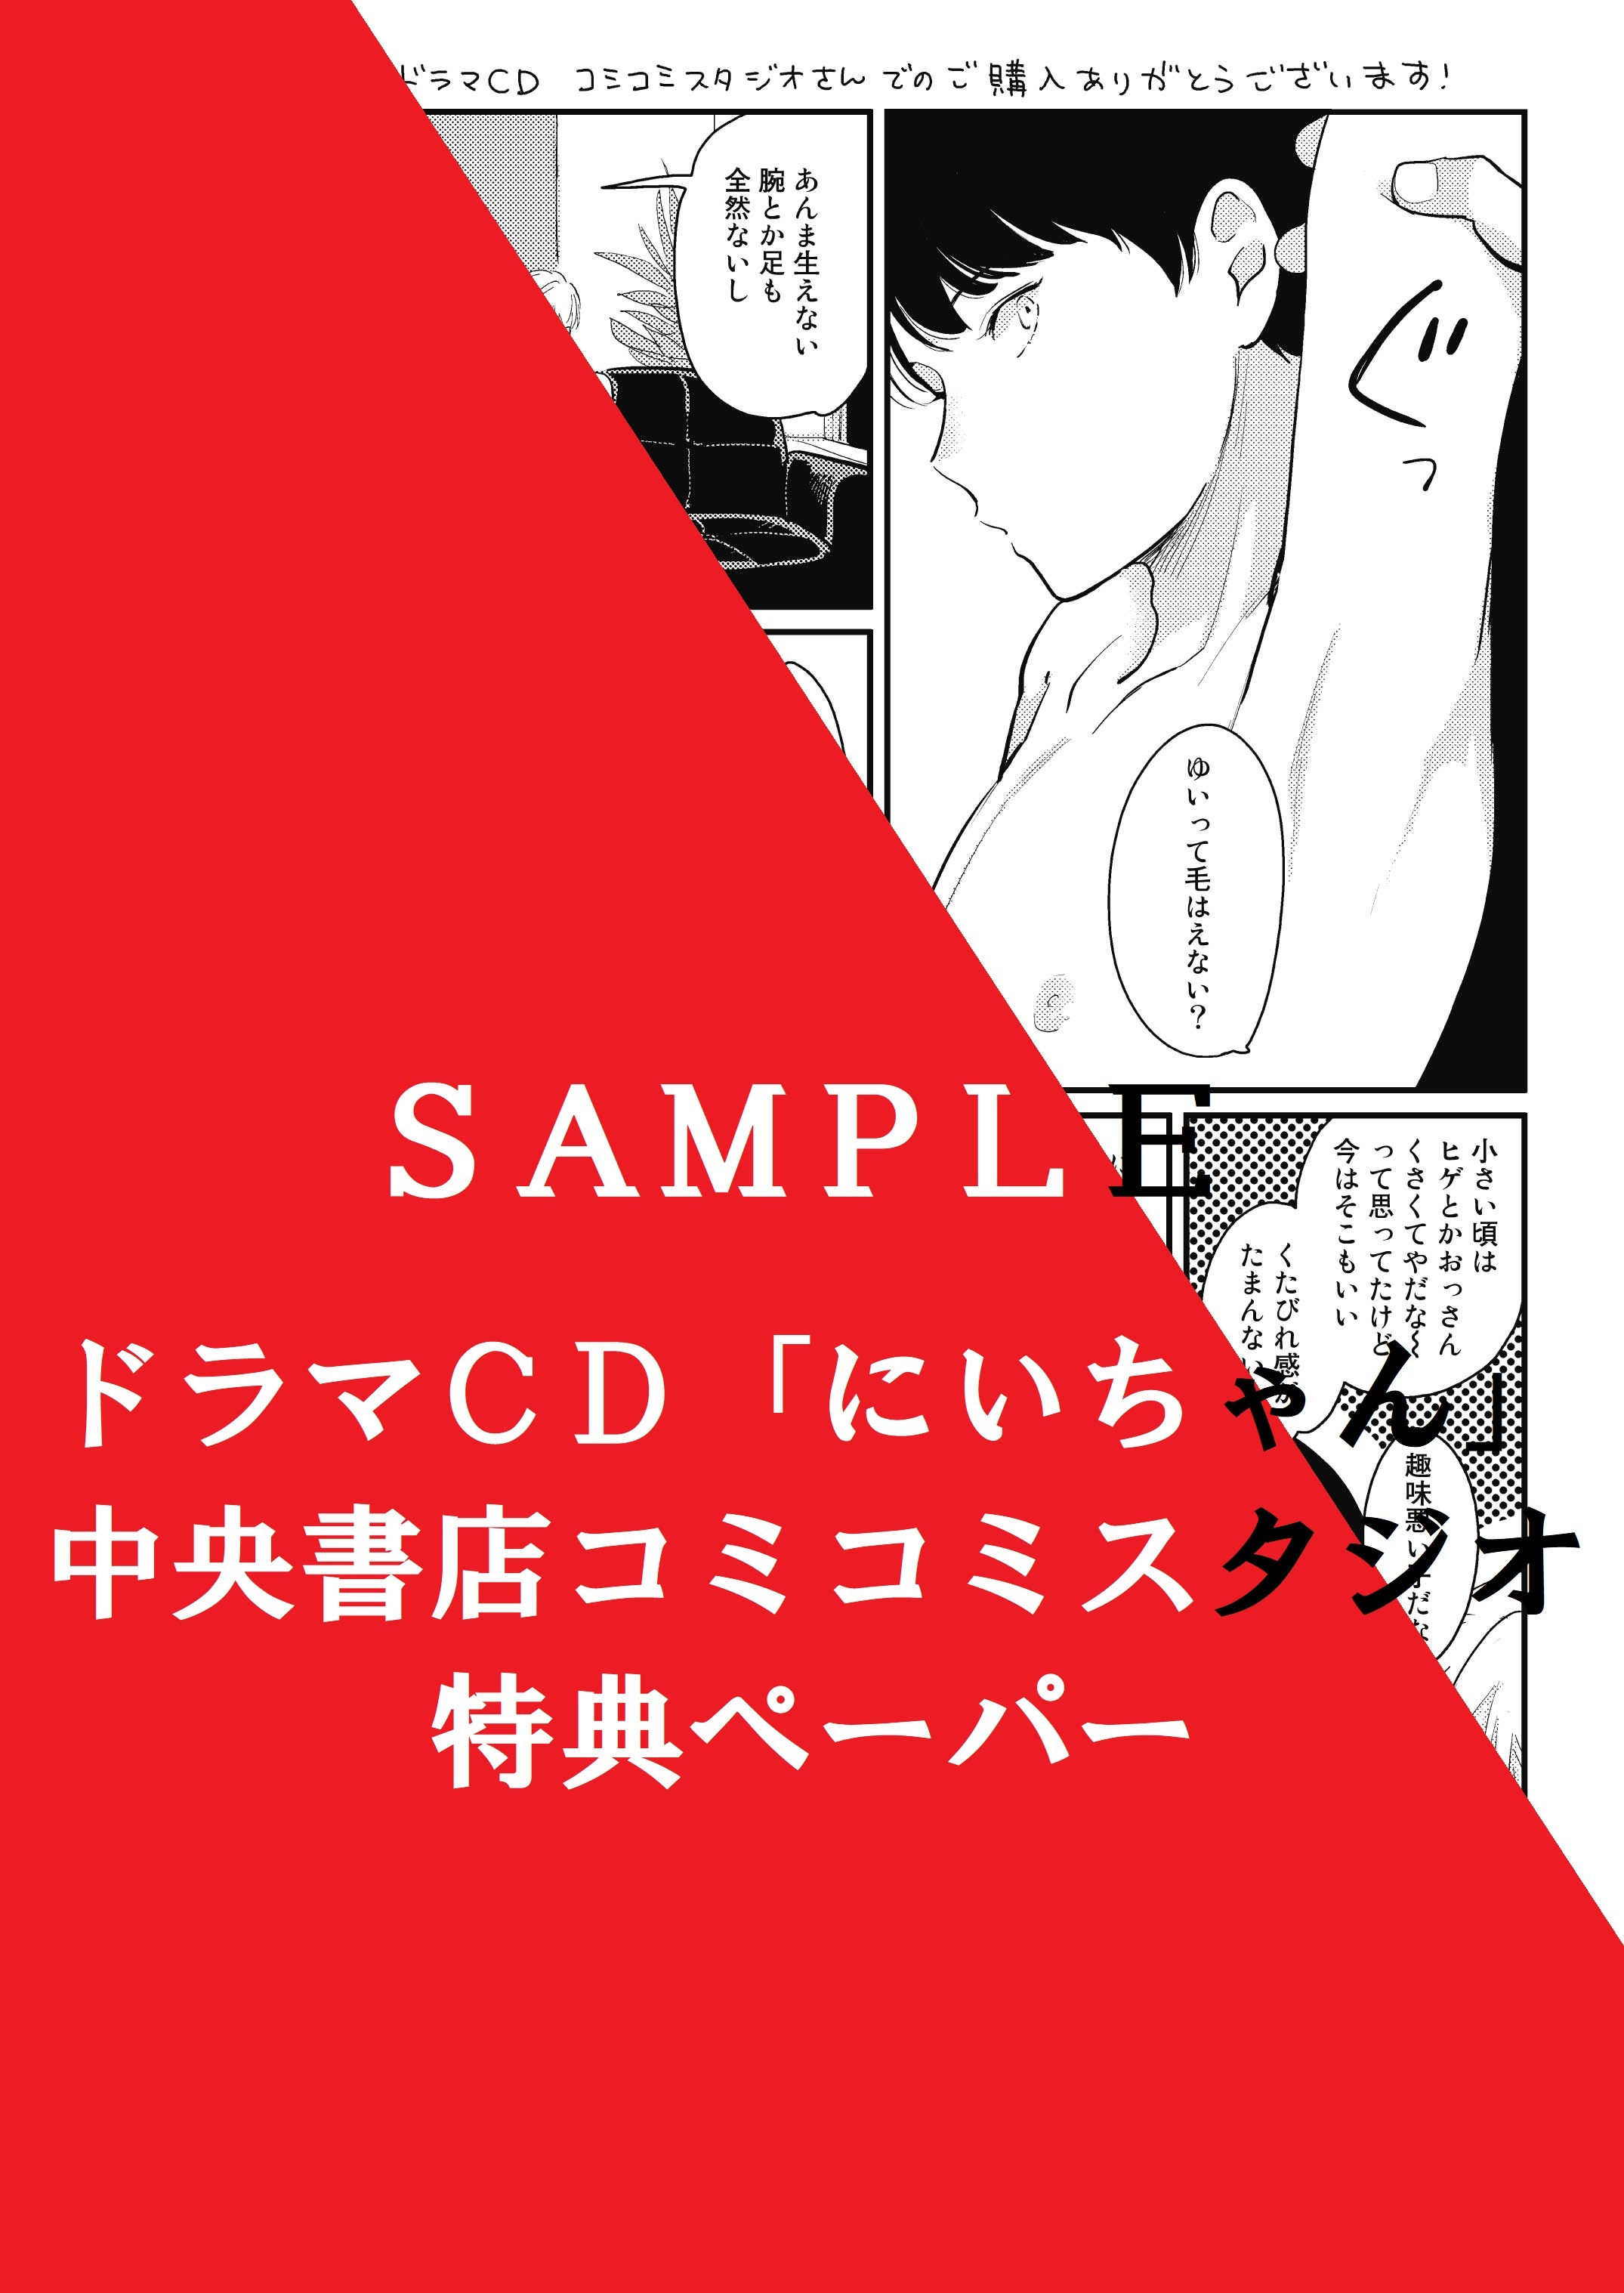 にいちゃん中央書店コミコミスタジオ特典